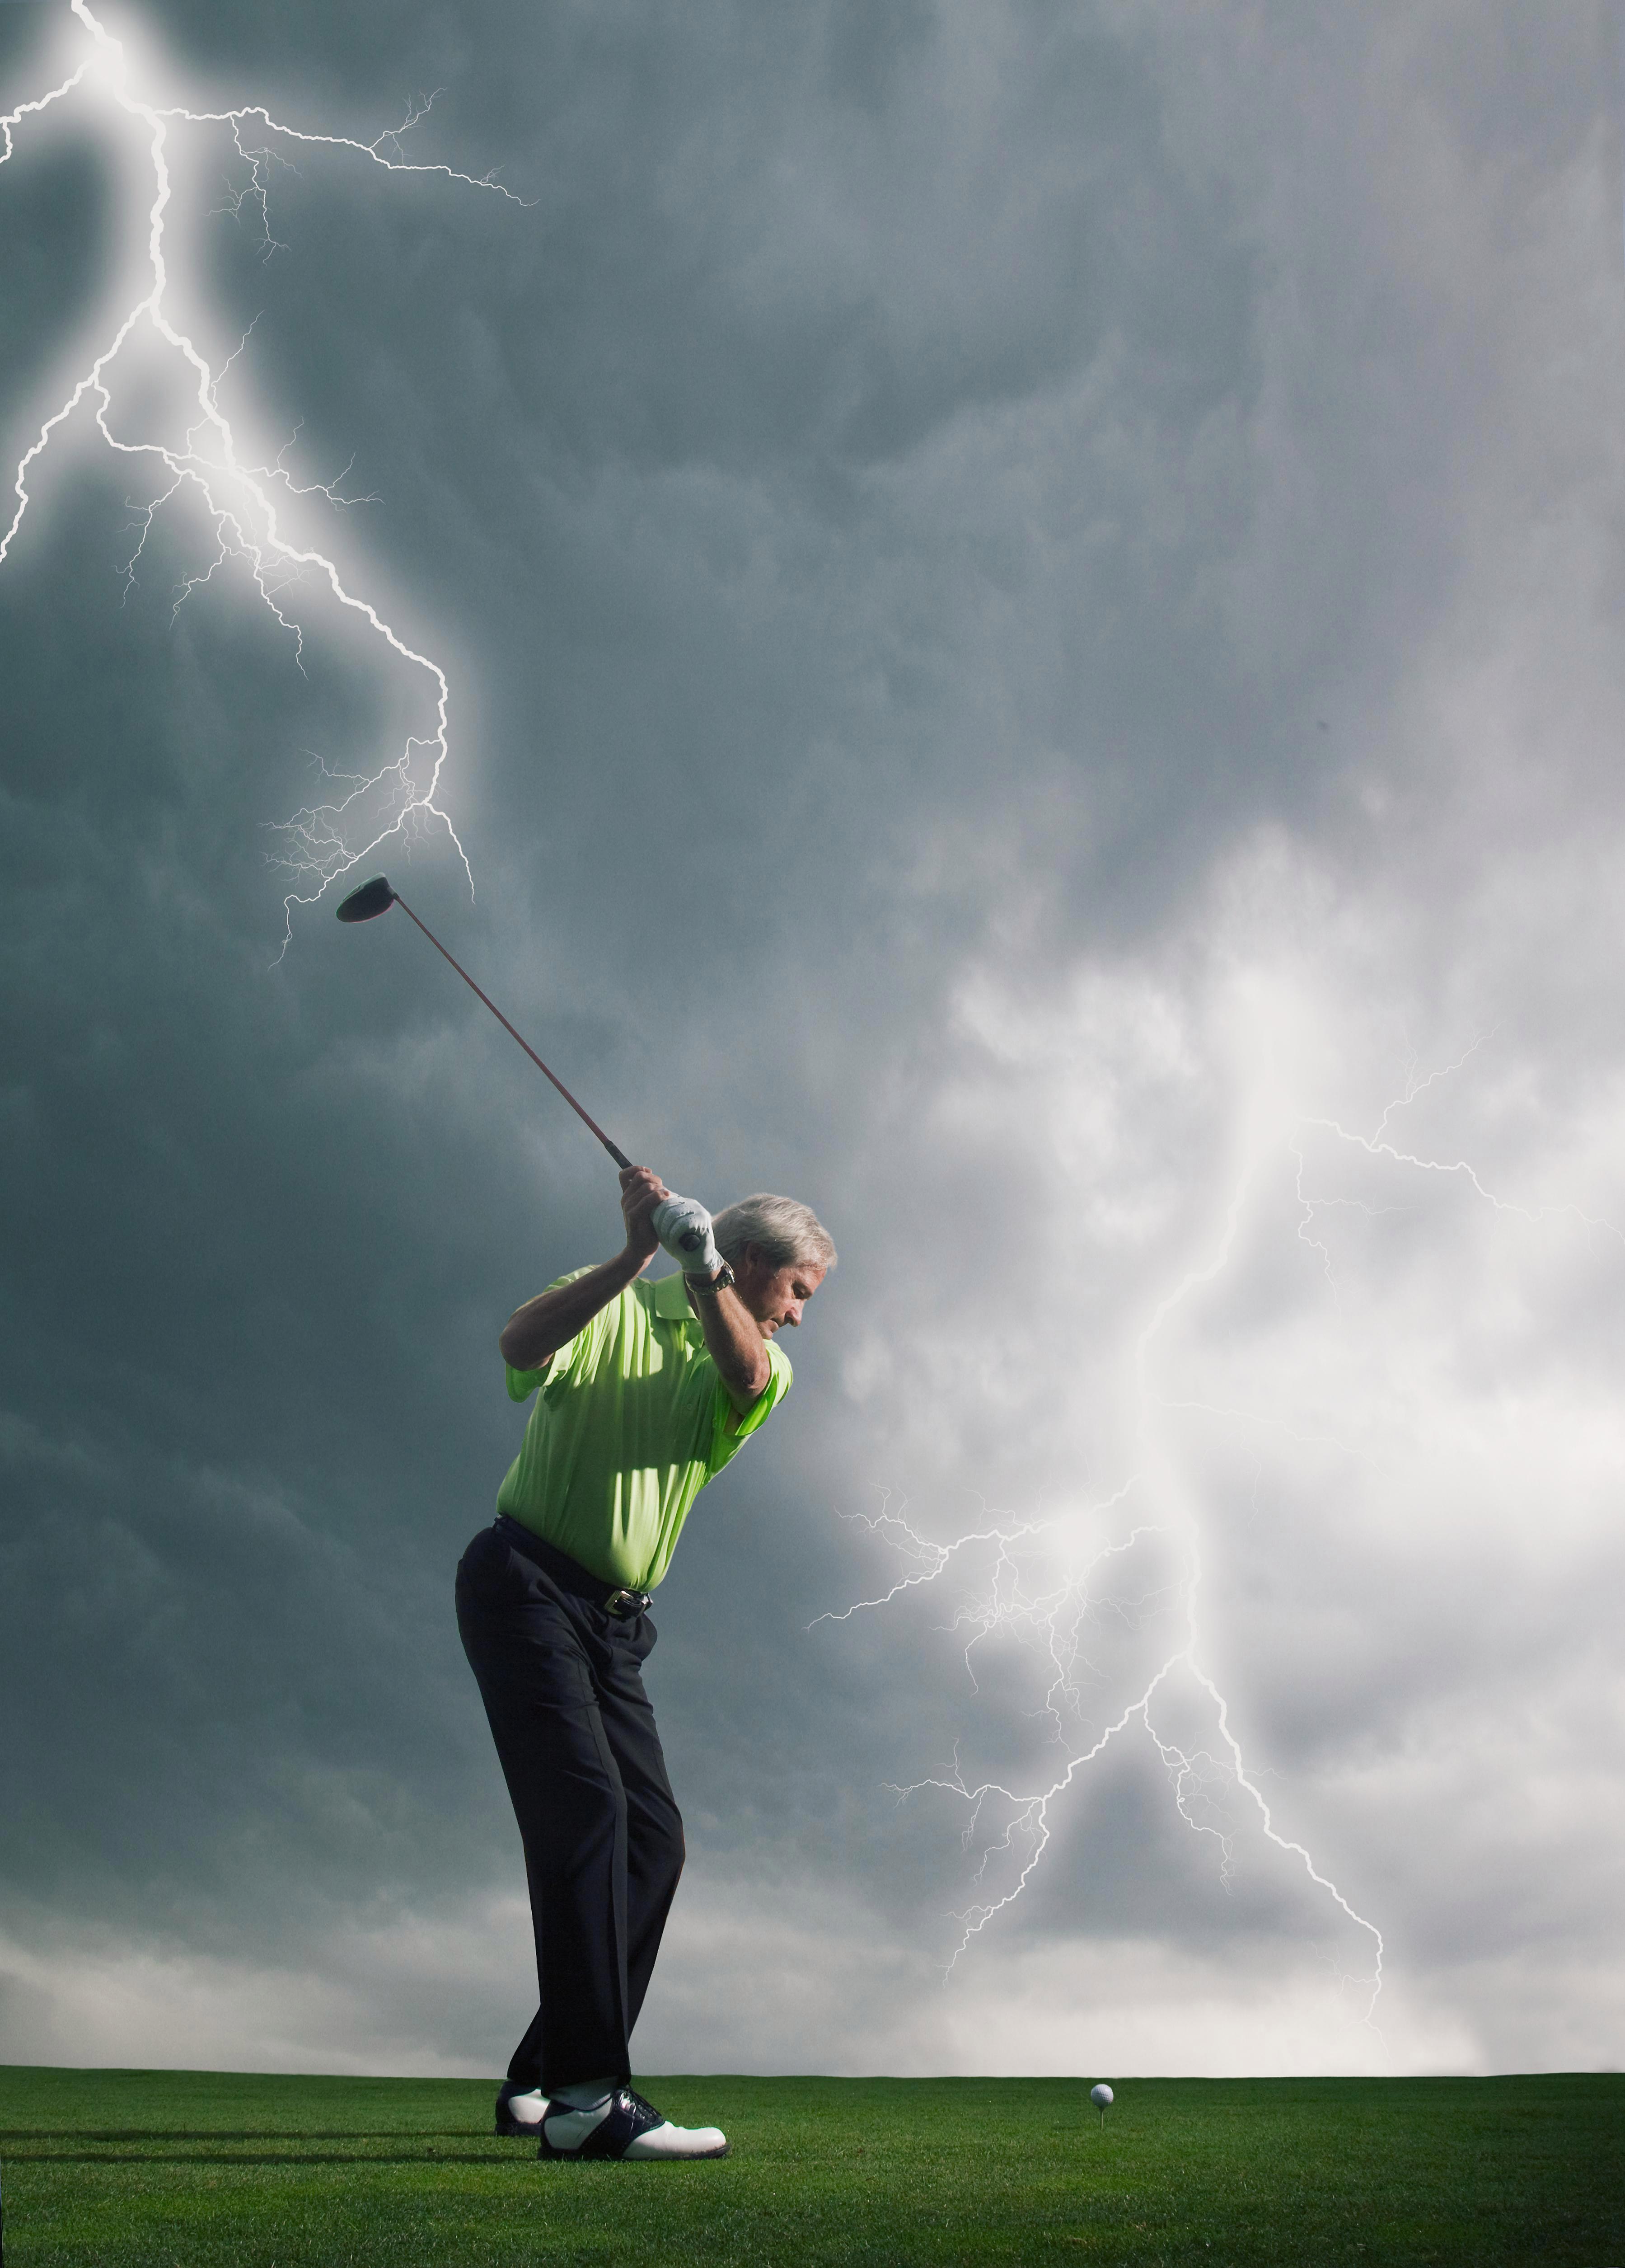 الغولف في عاصفة رعدية هو عمل محفوف بالمخاطر للغاية